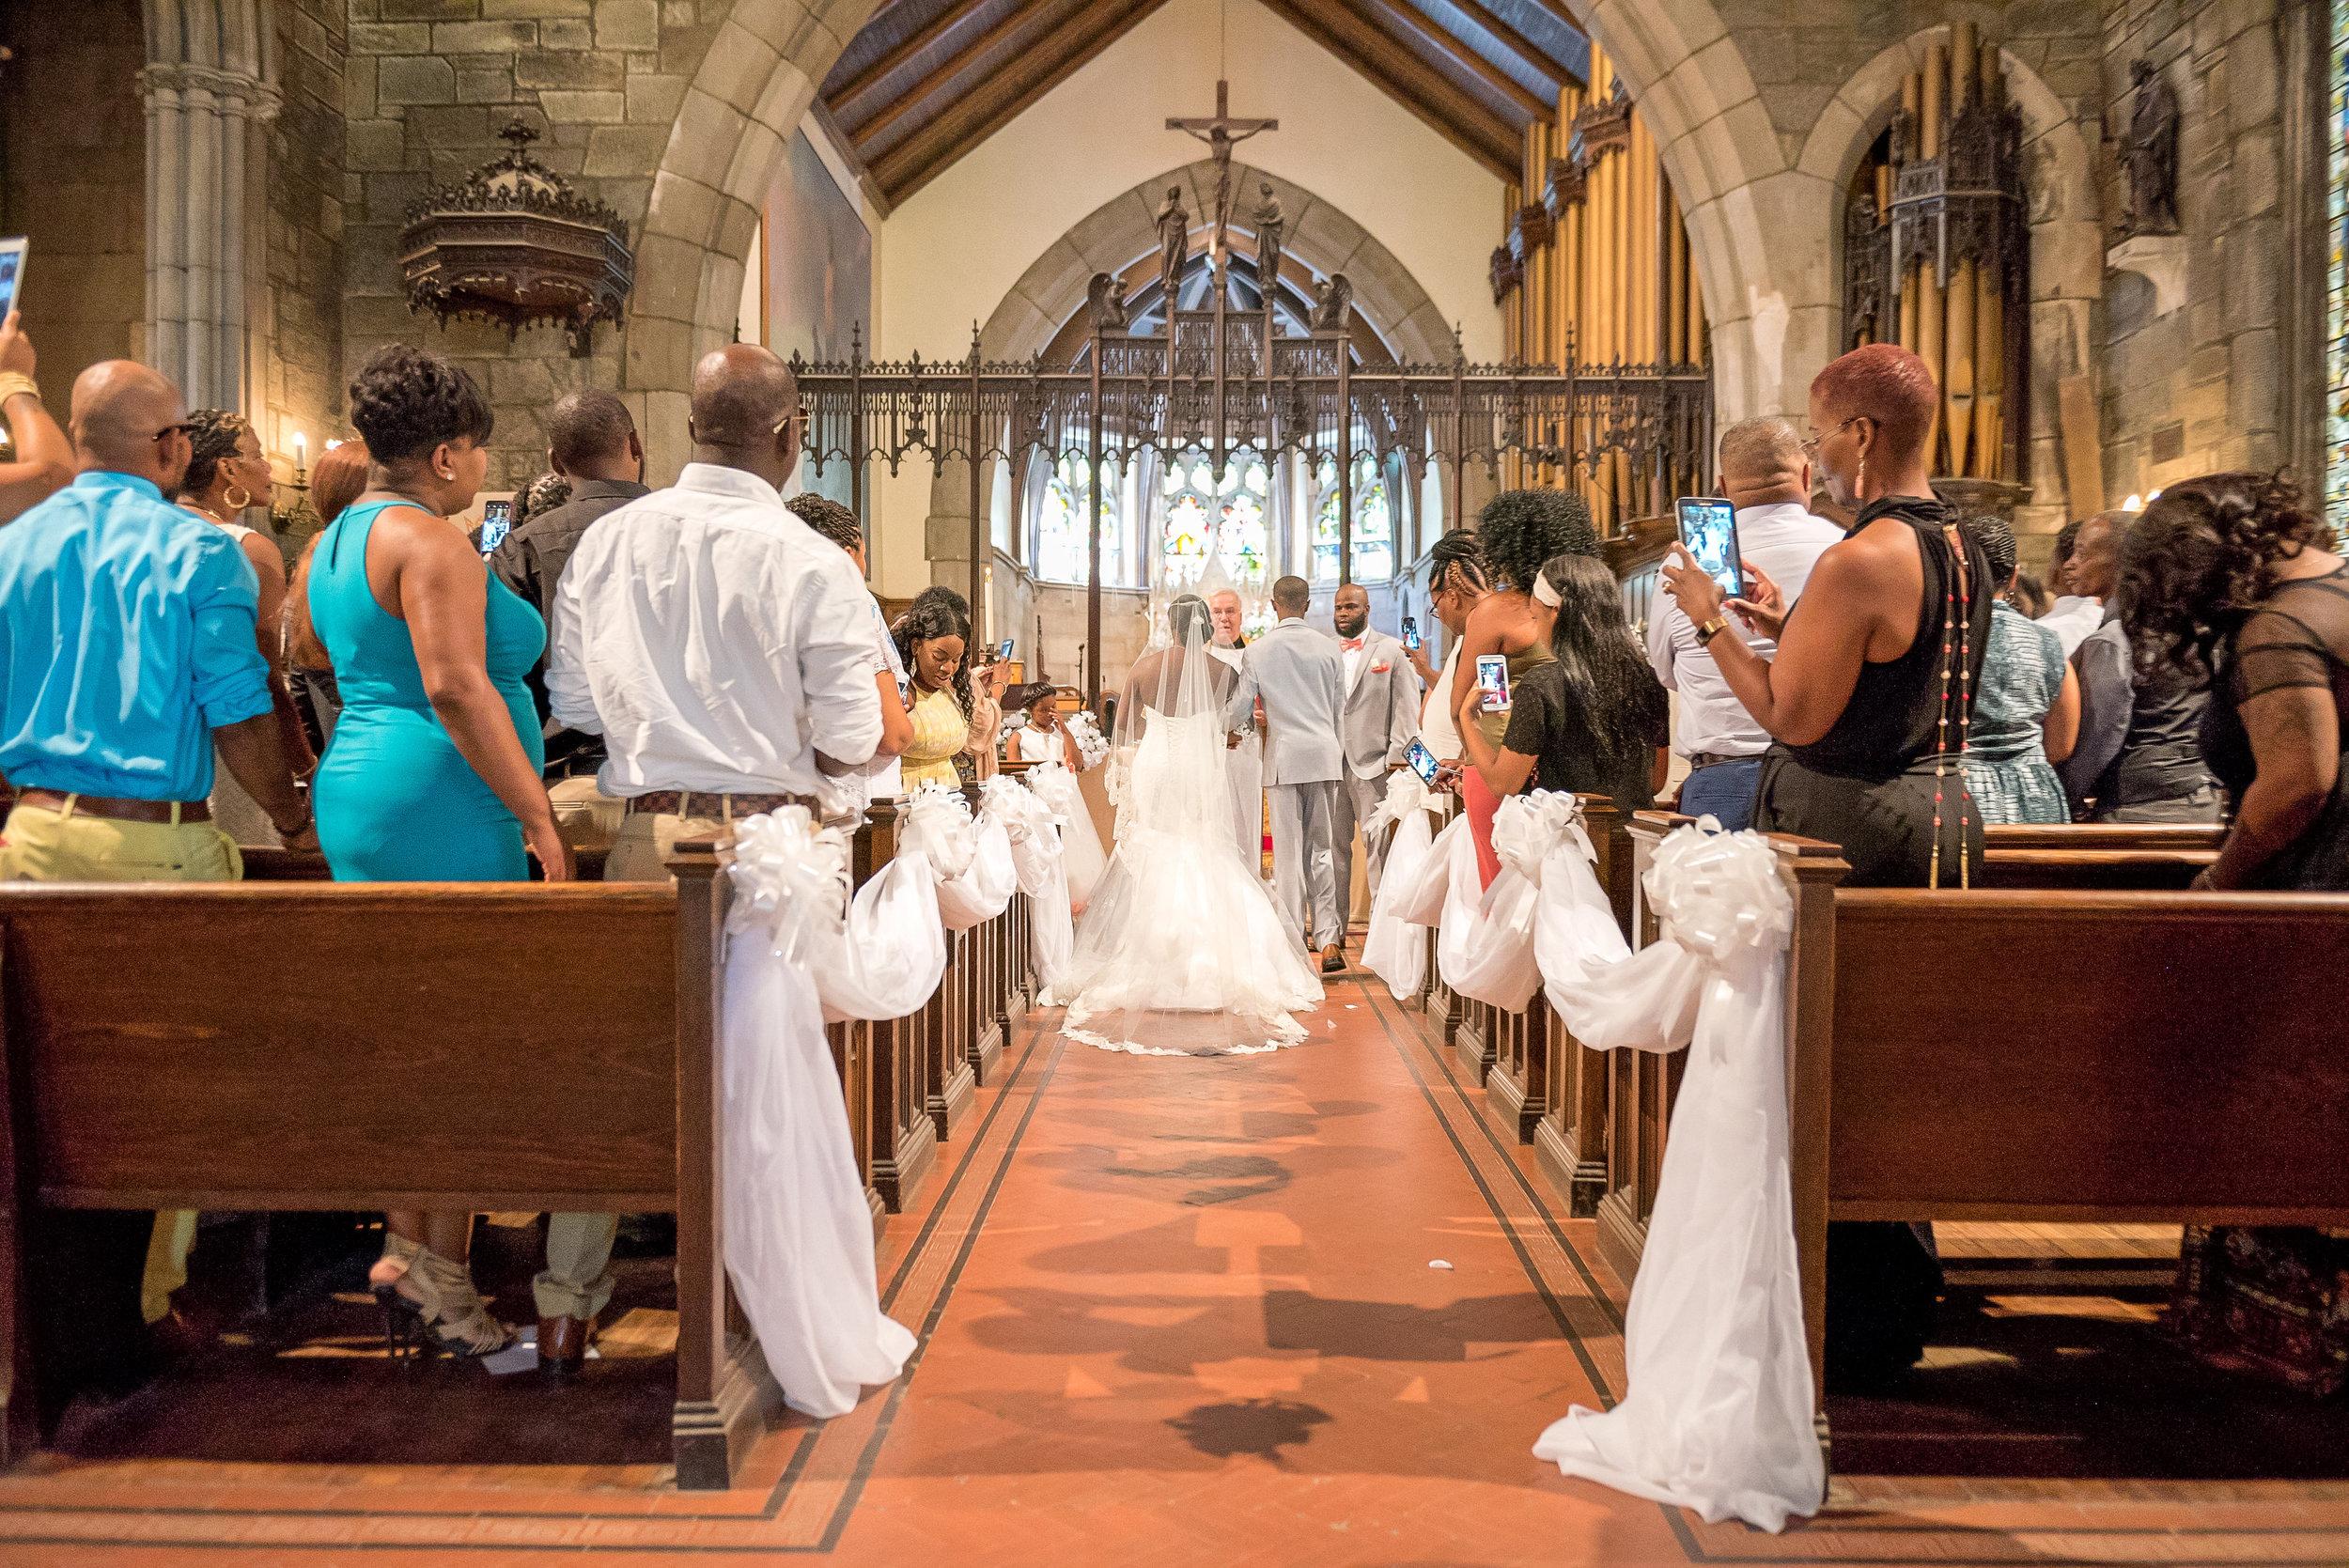 st-johns-episcopal-church-wedding